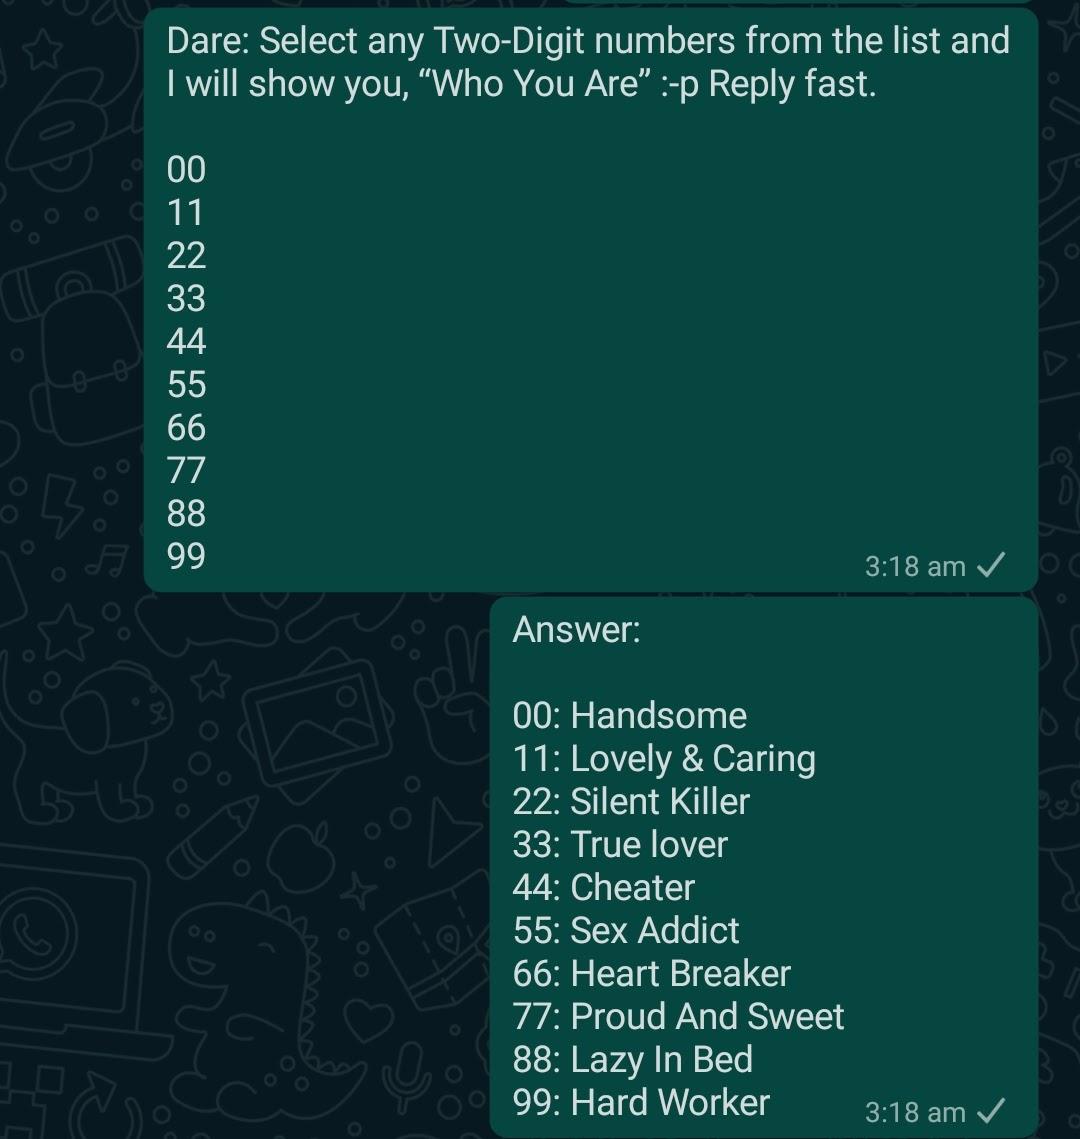 Naughty Whatsapp Dare Games